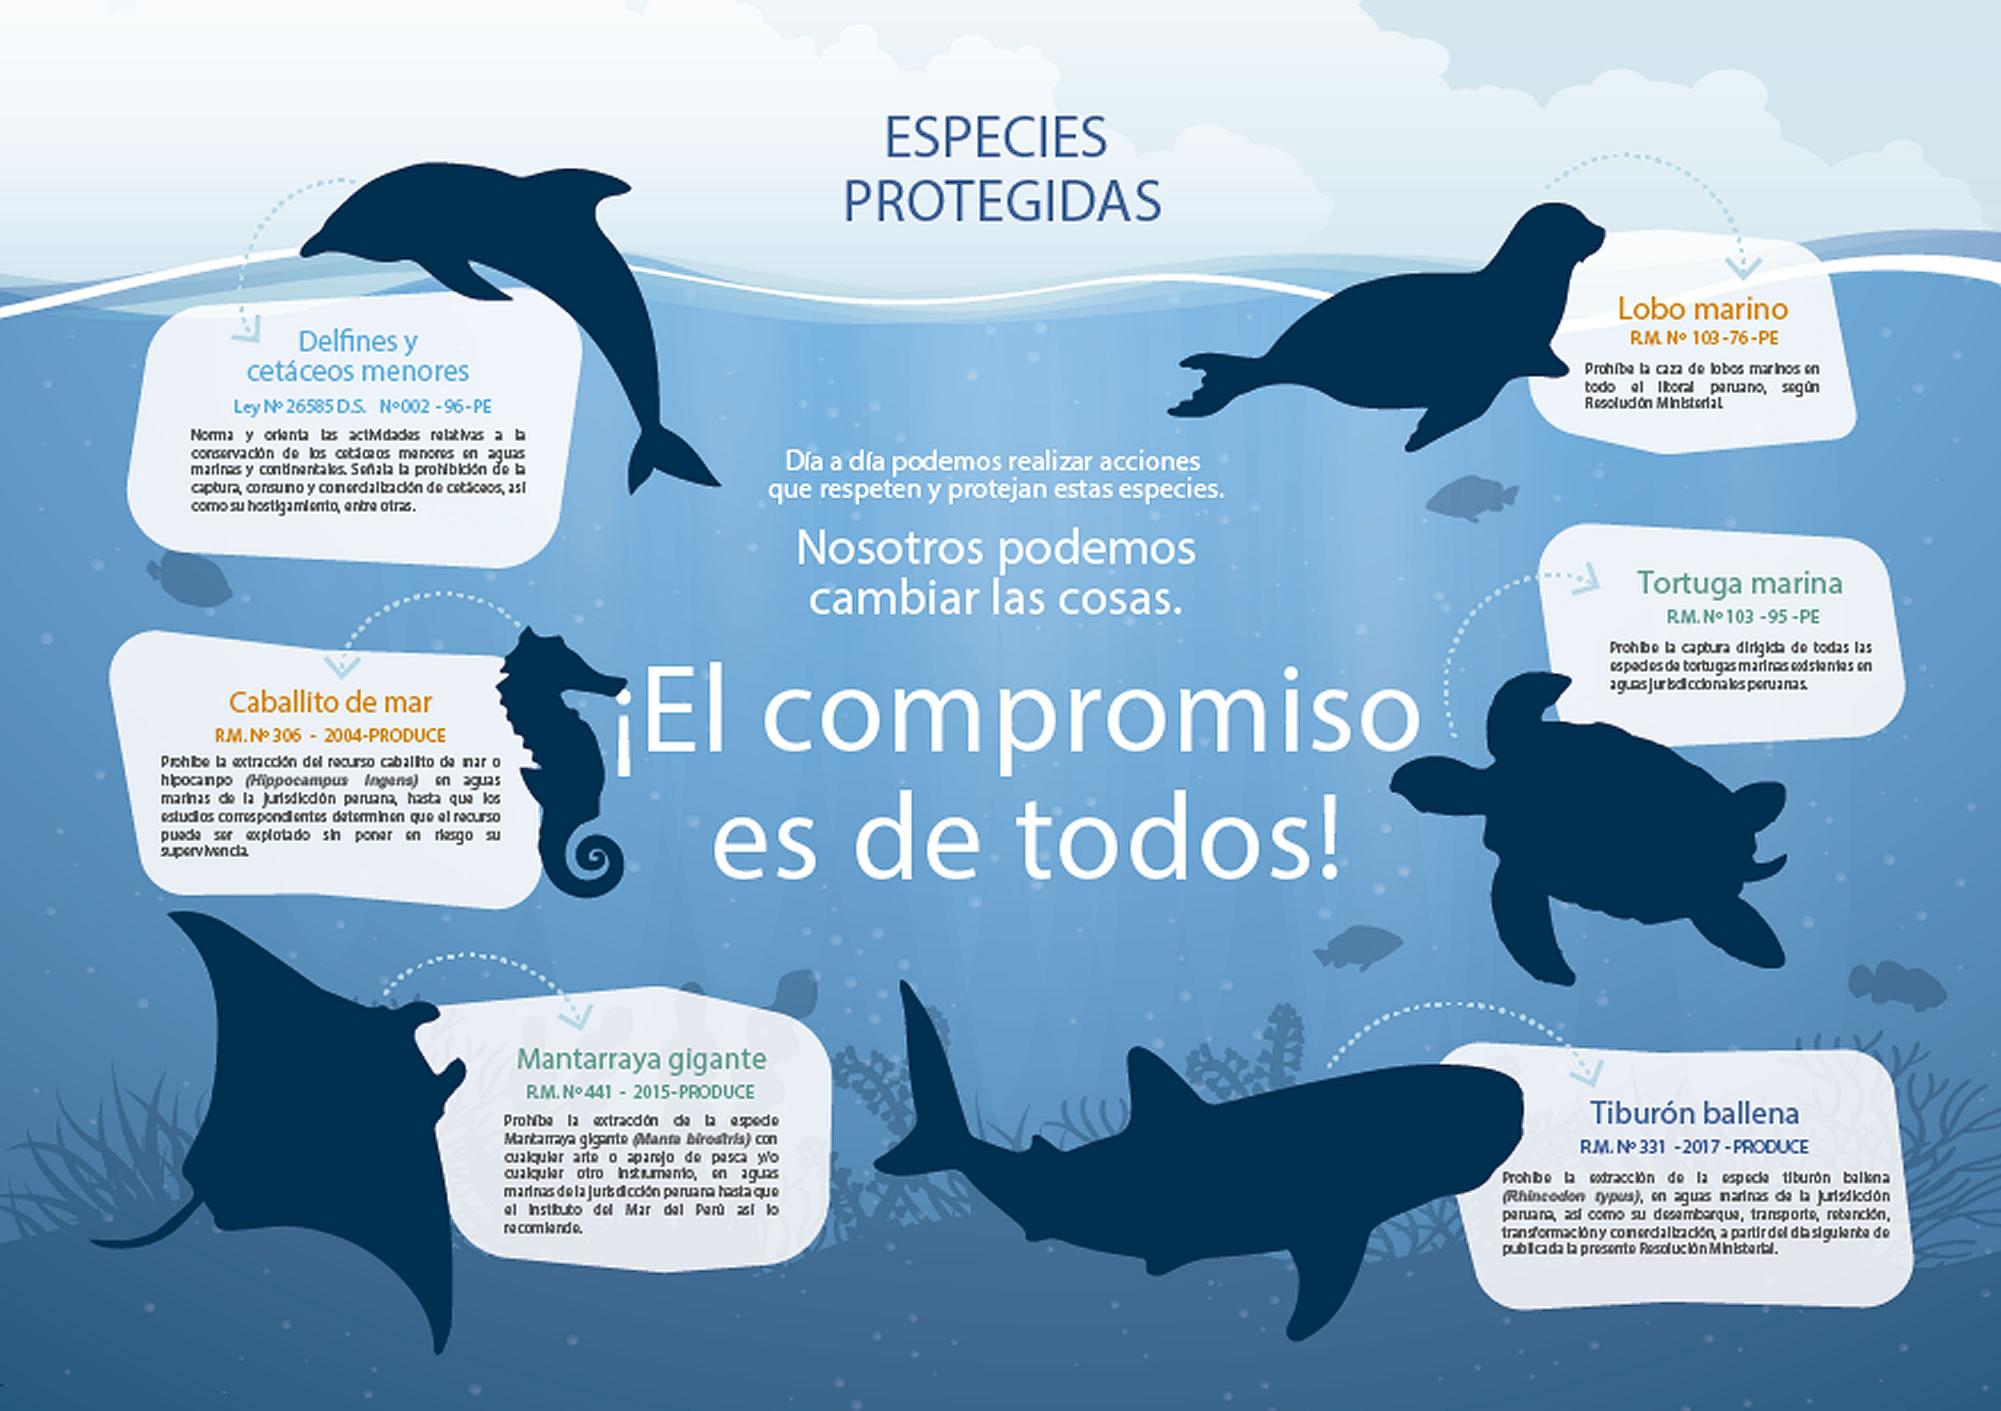 TURISMO EN ANCON | ESPECIES PROTEGIDAS